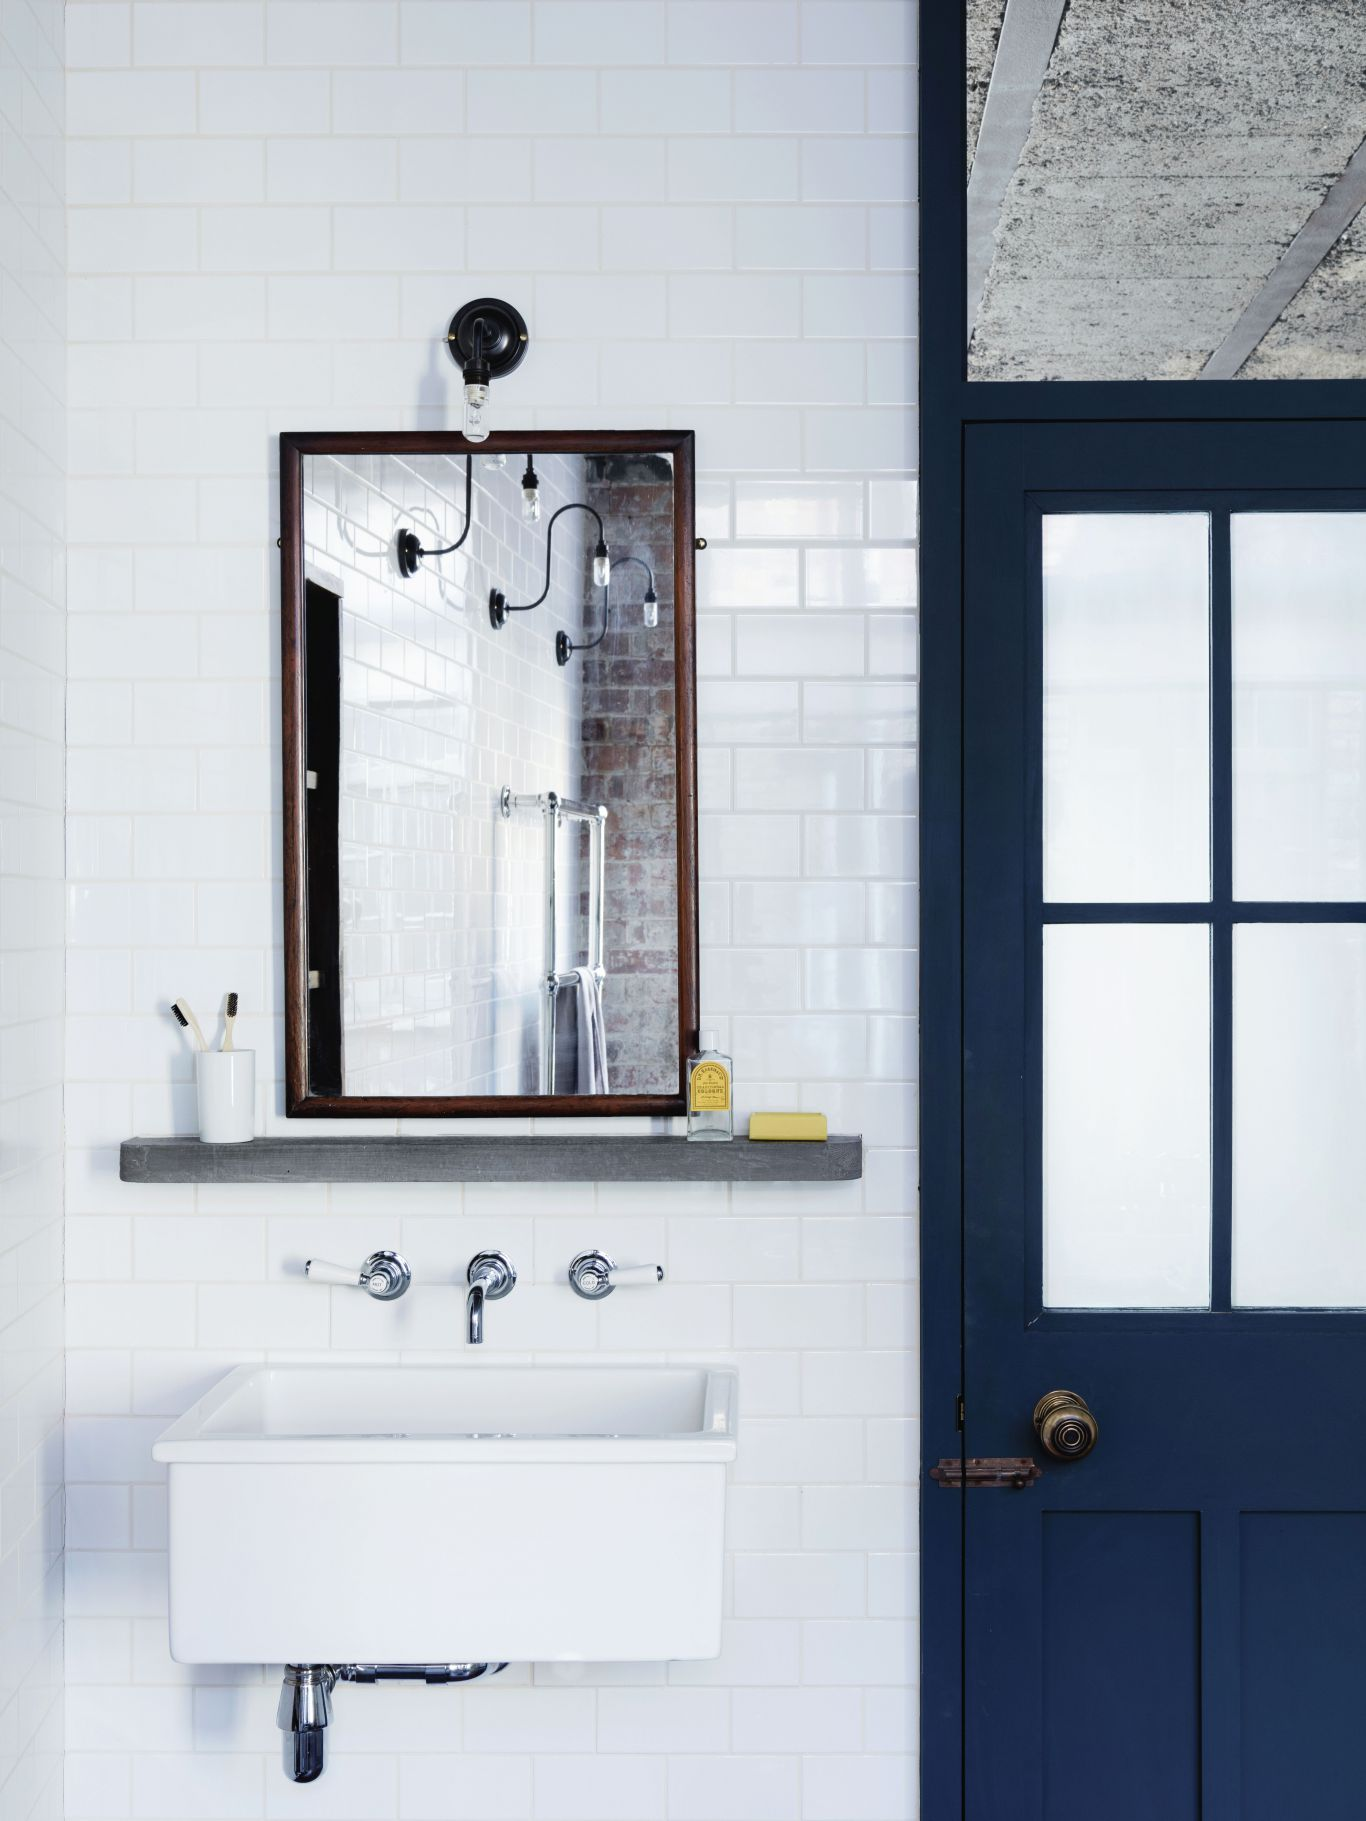 Как правильно выбрать плитку для маленькой ванной комнаты